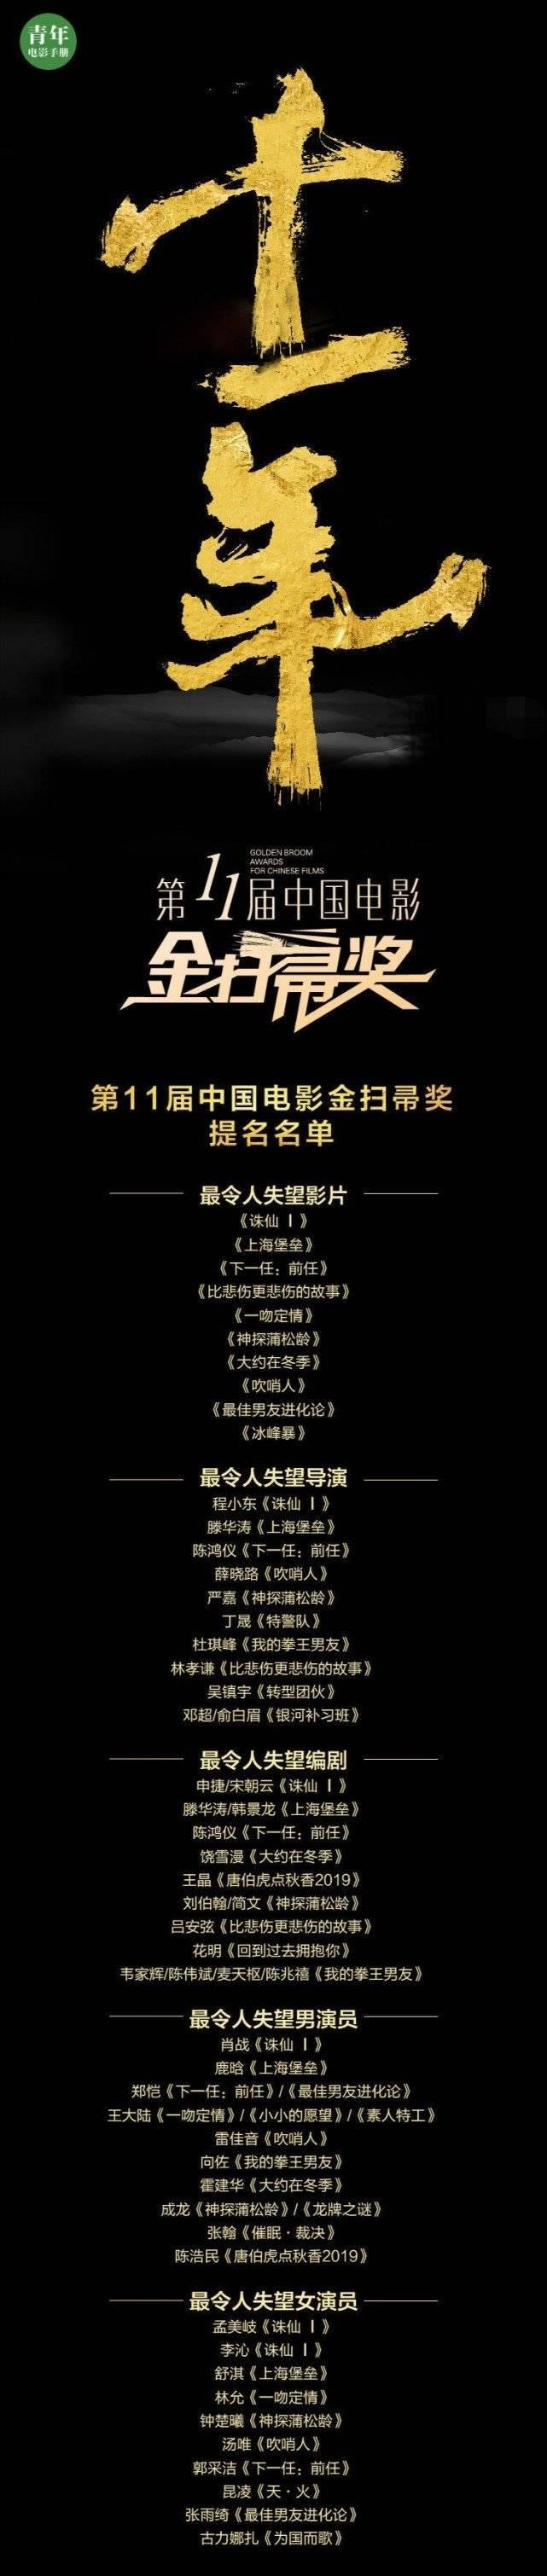 金扫帚获奖名单:肖战摘最令人失望男演员,却成鹿晗挡箭牌?